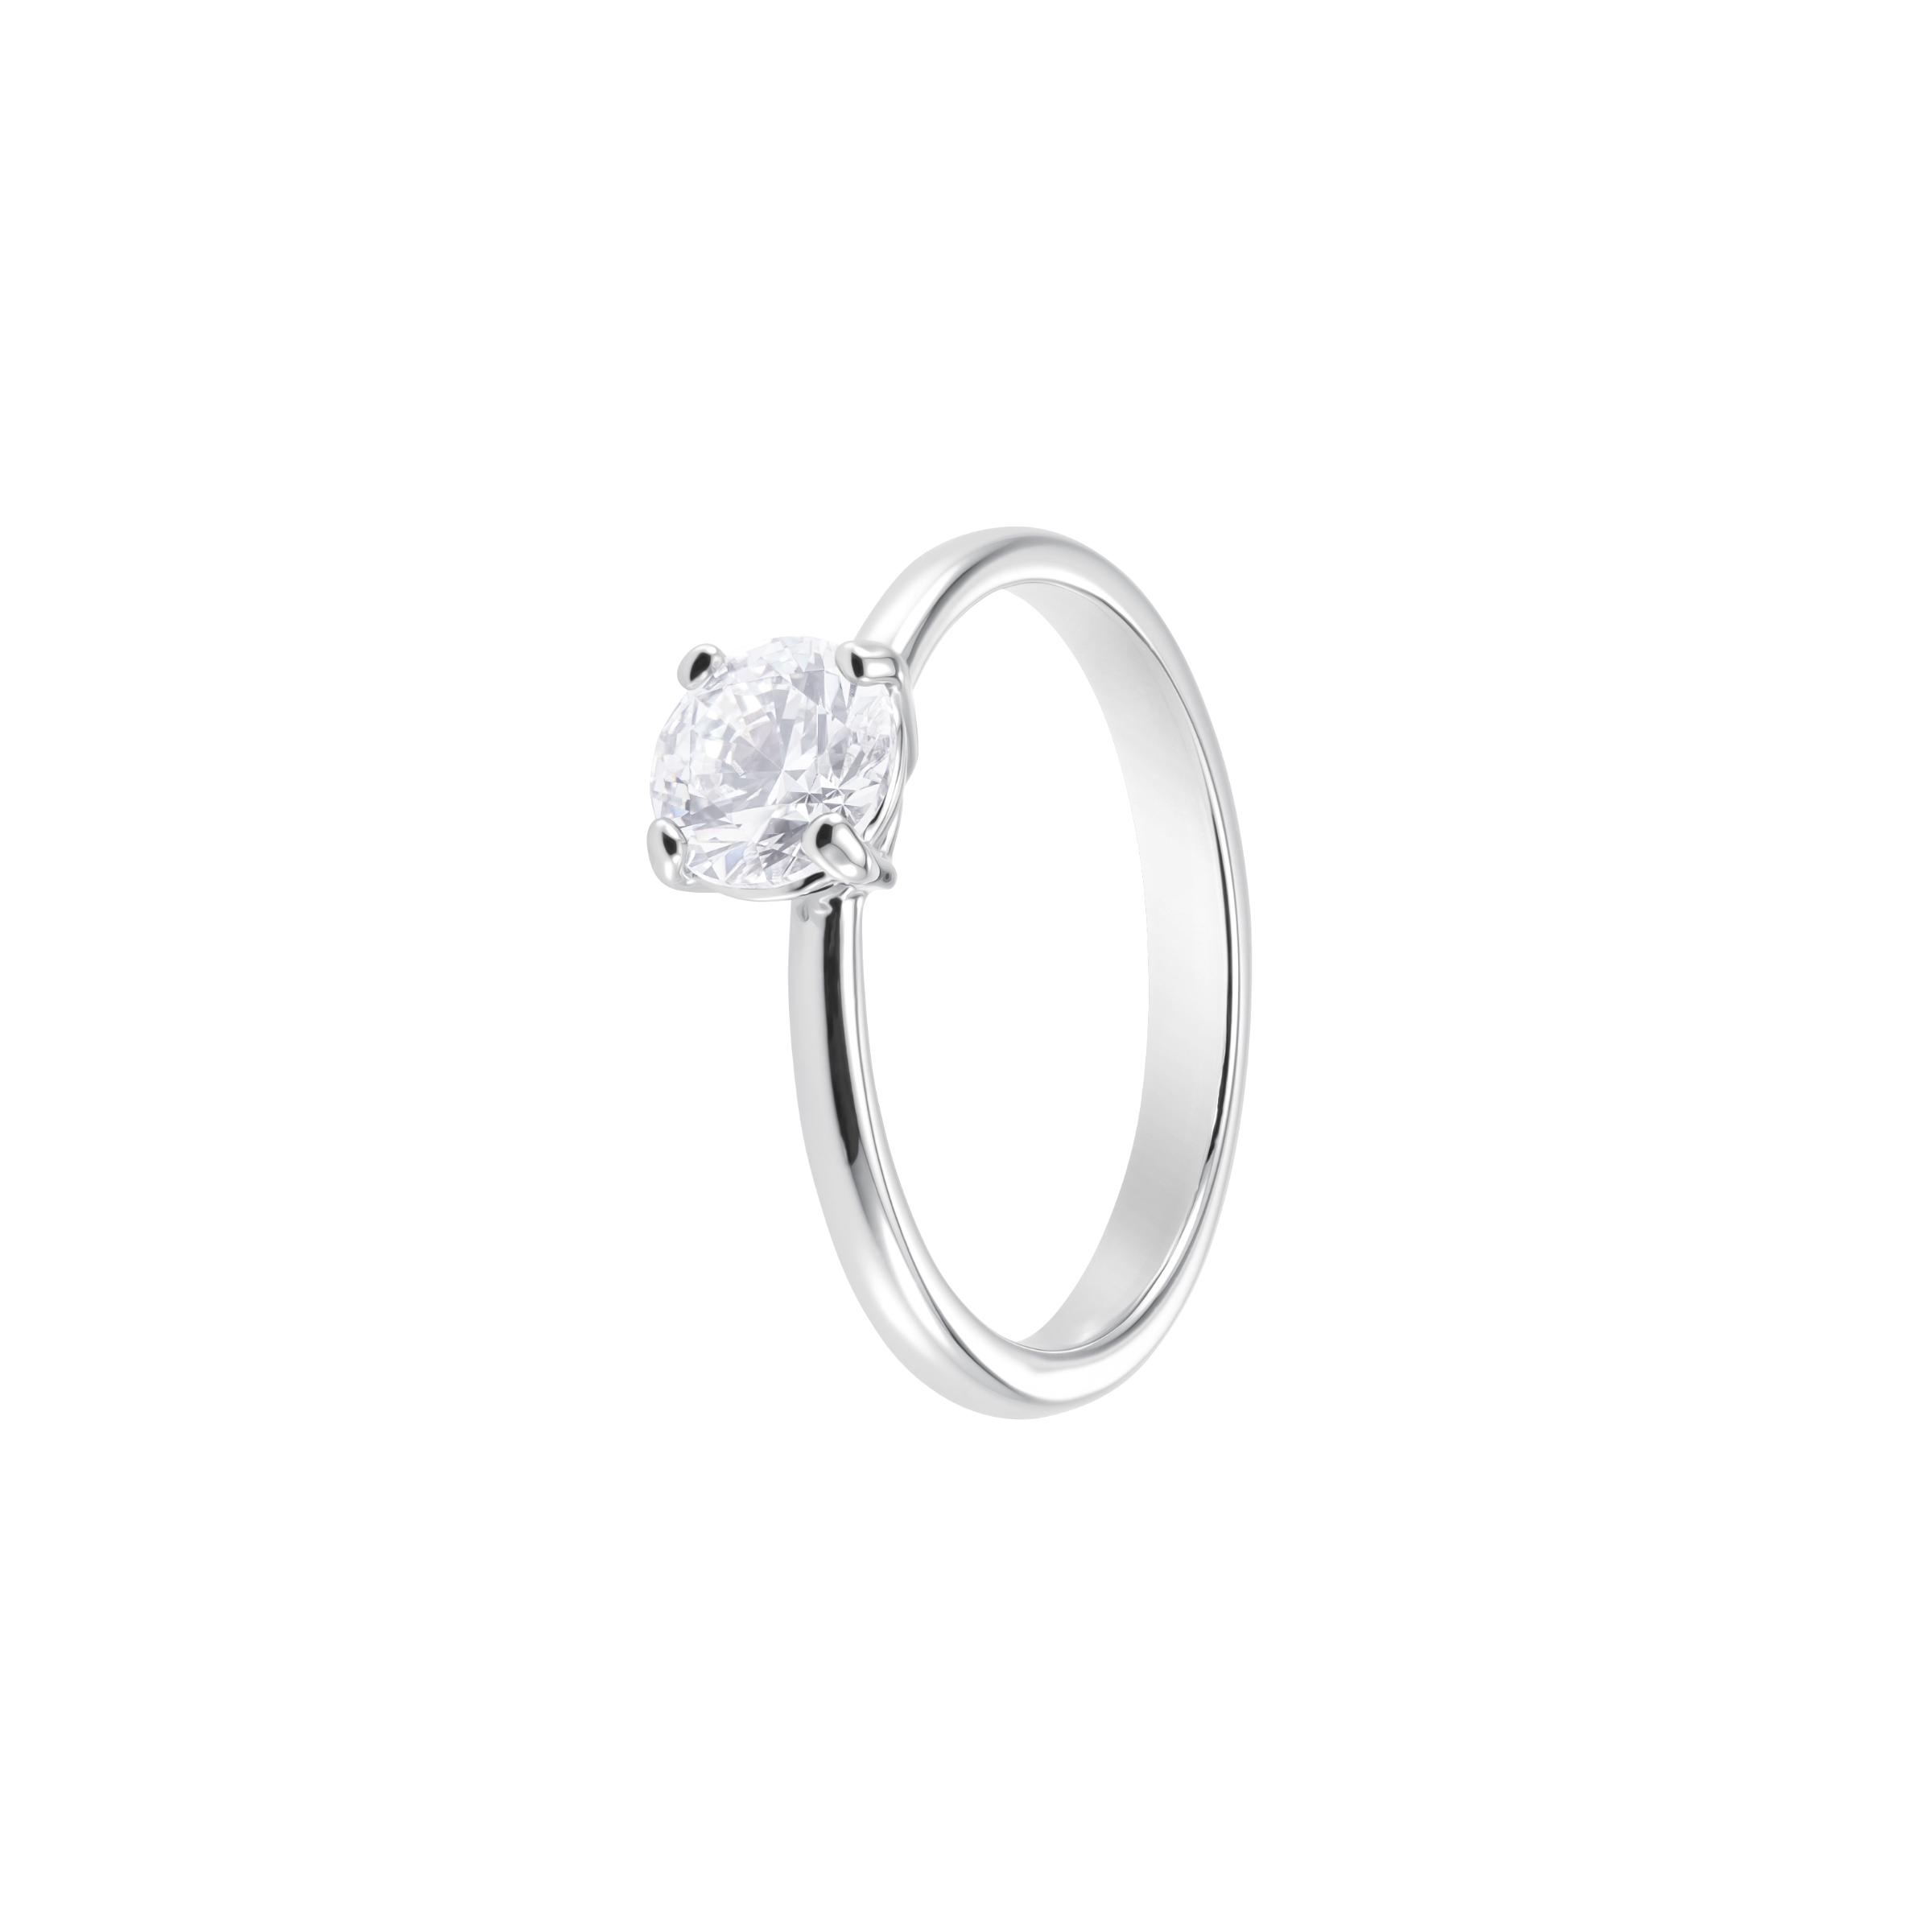 Attract Round Ring, White, Rhodium Plating